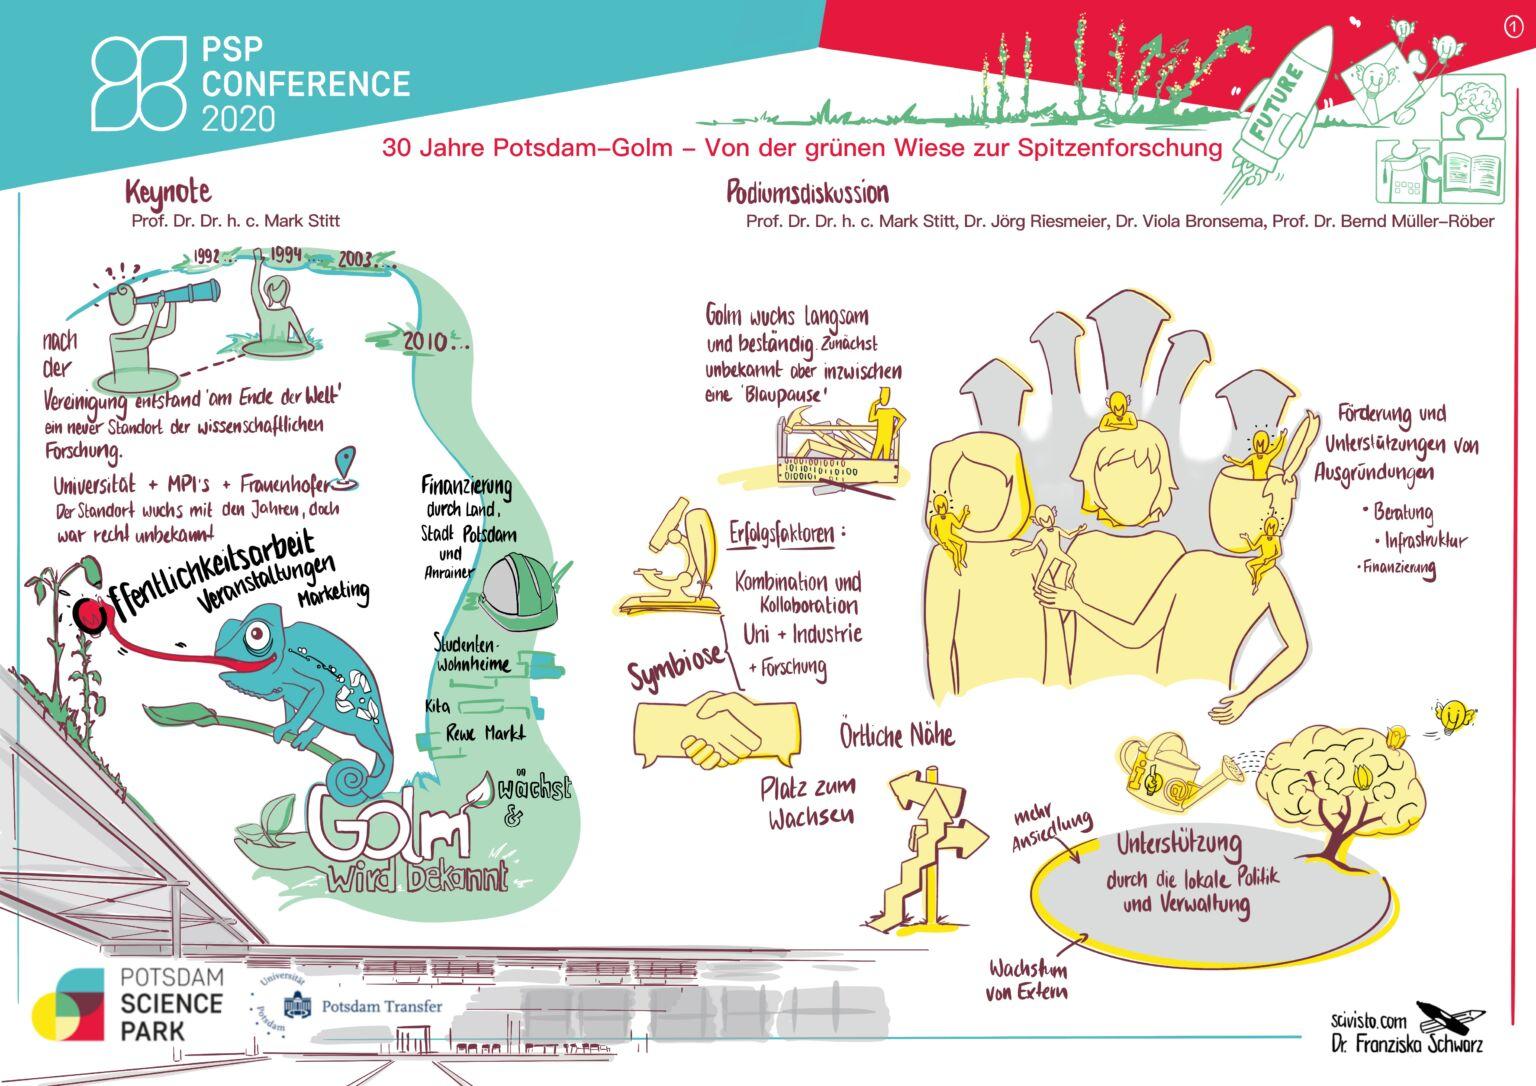 PSP Conference 2020 - Graphic Recording - 30 Jahre Potsdam-Golm: Von der grünen Wiese zur Spitzenforschung